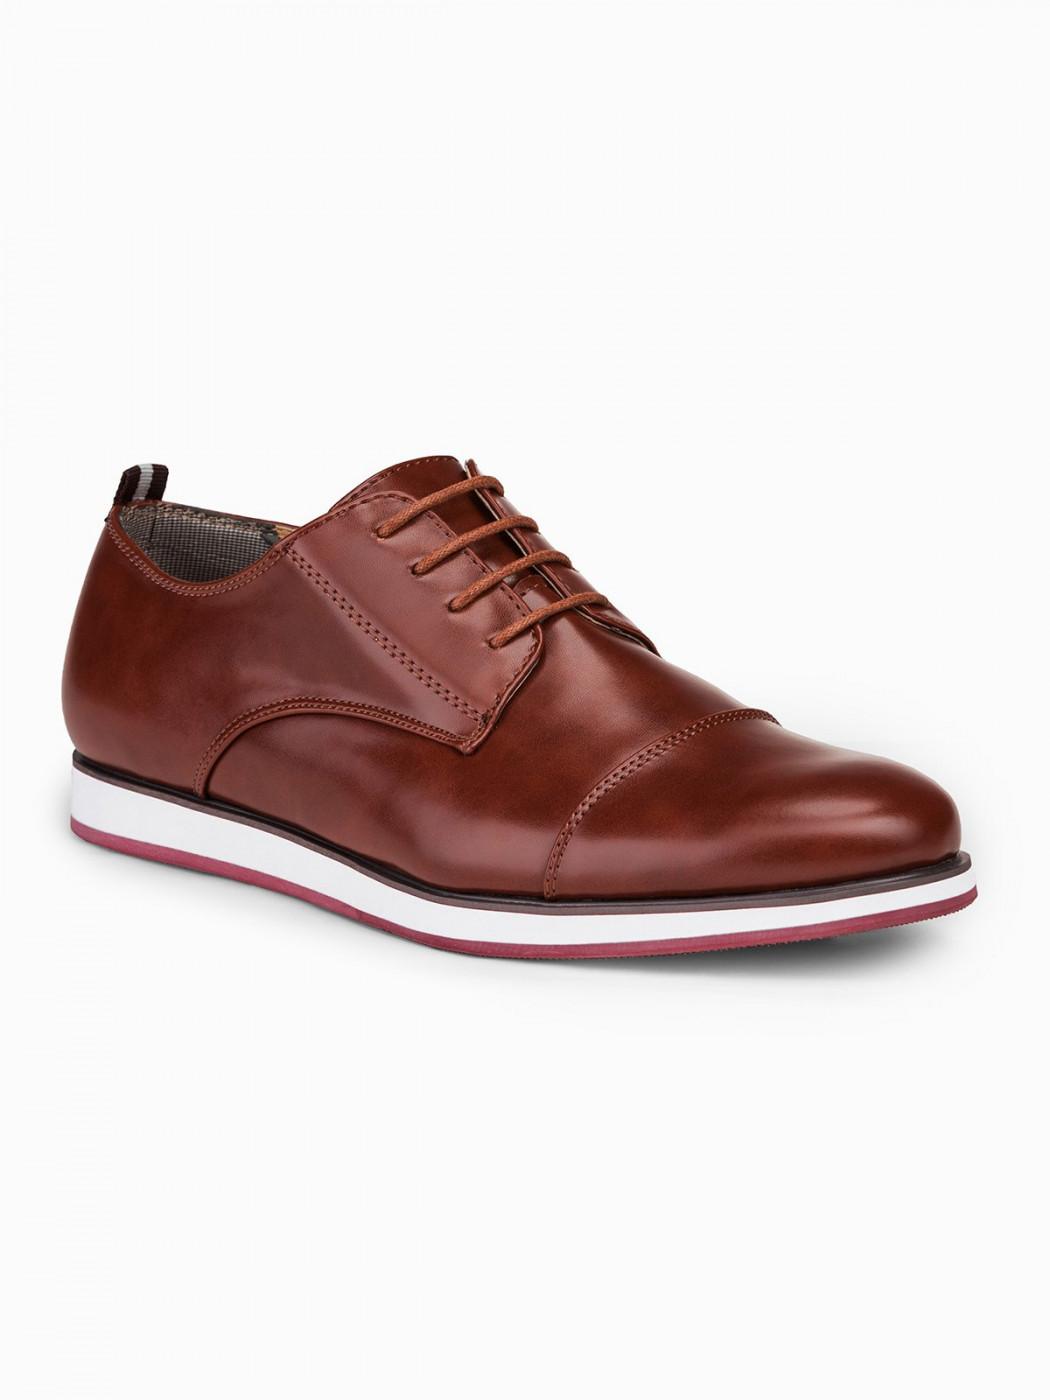 Men's shoes Ombre T325